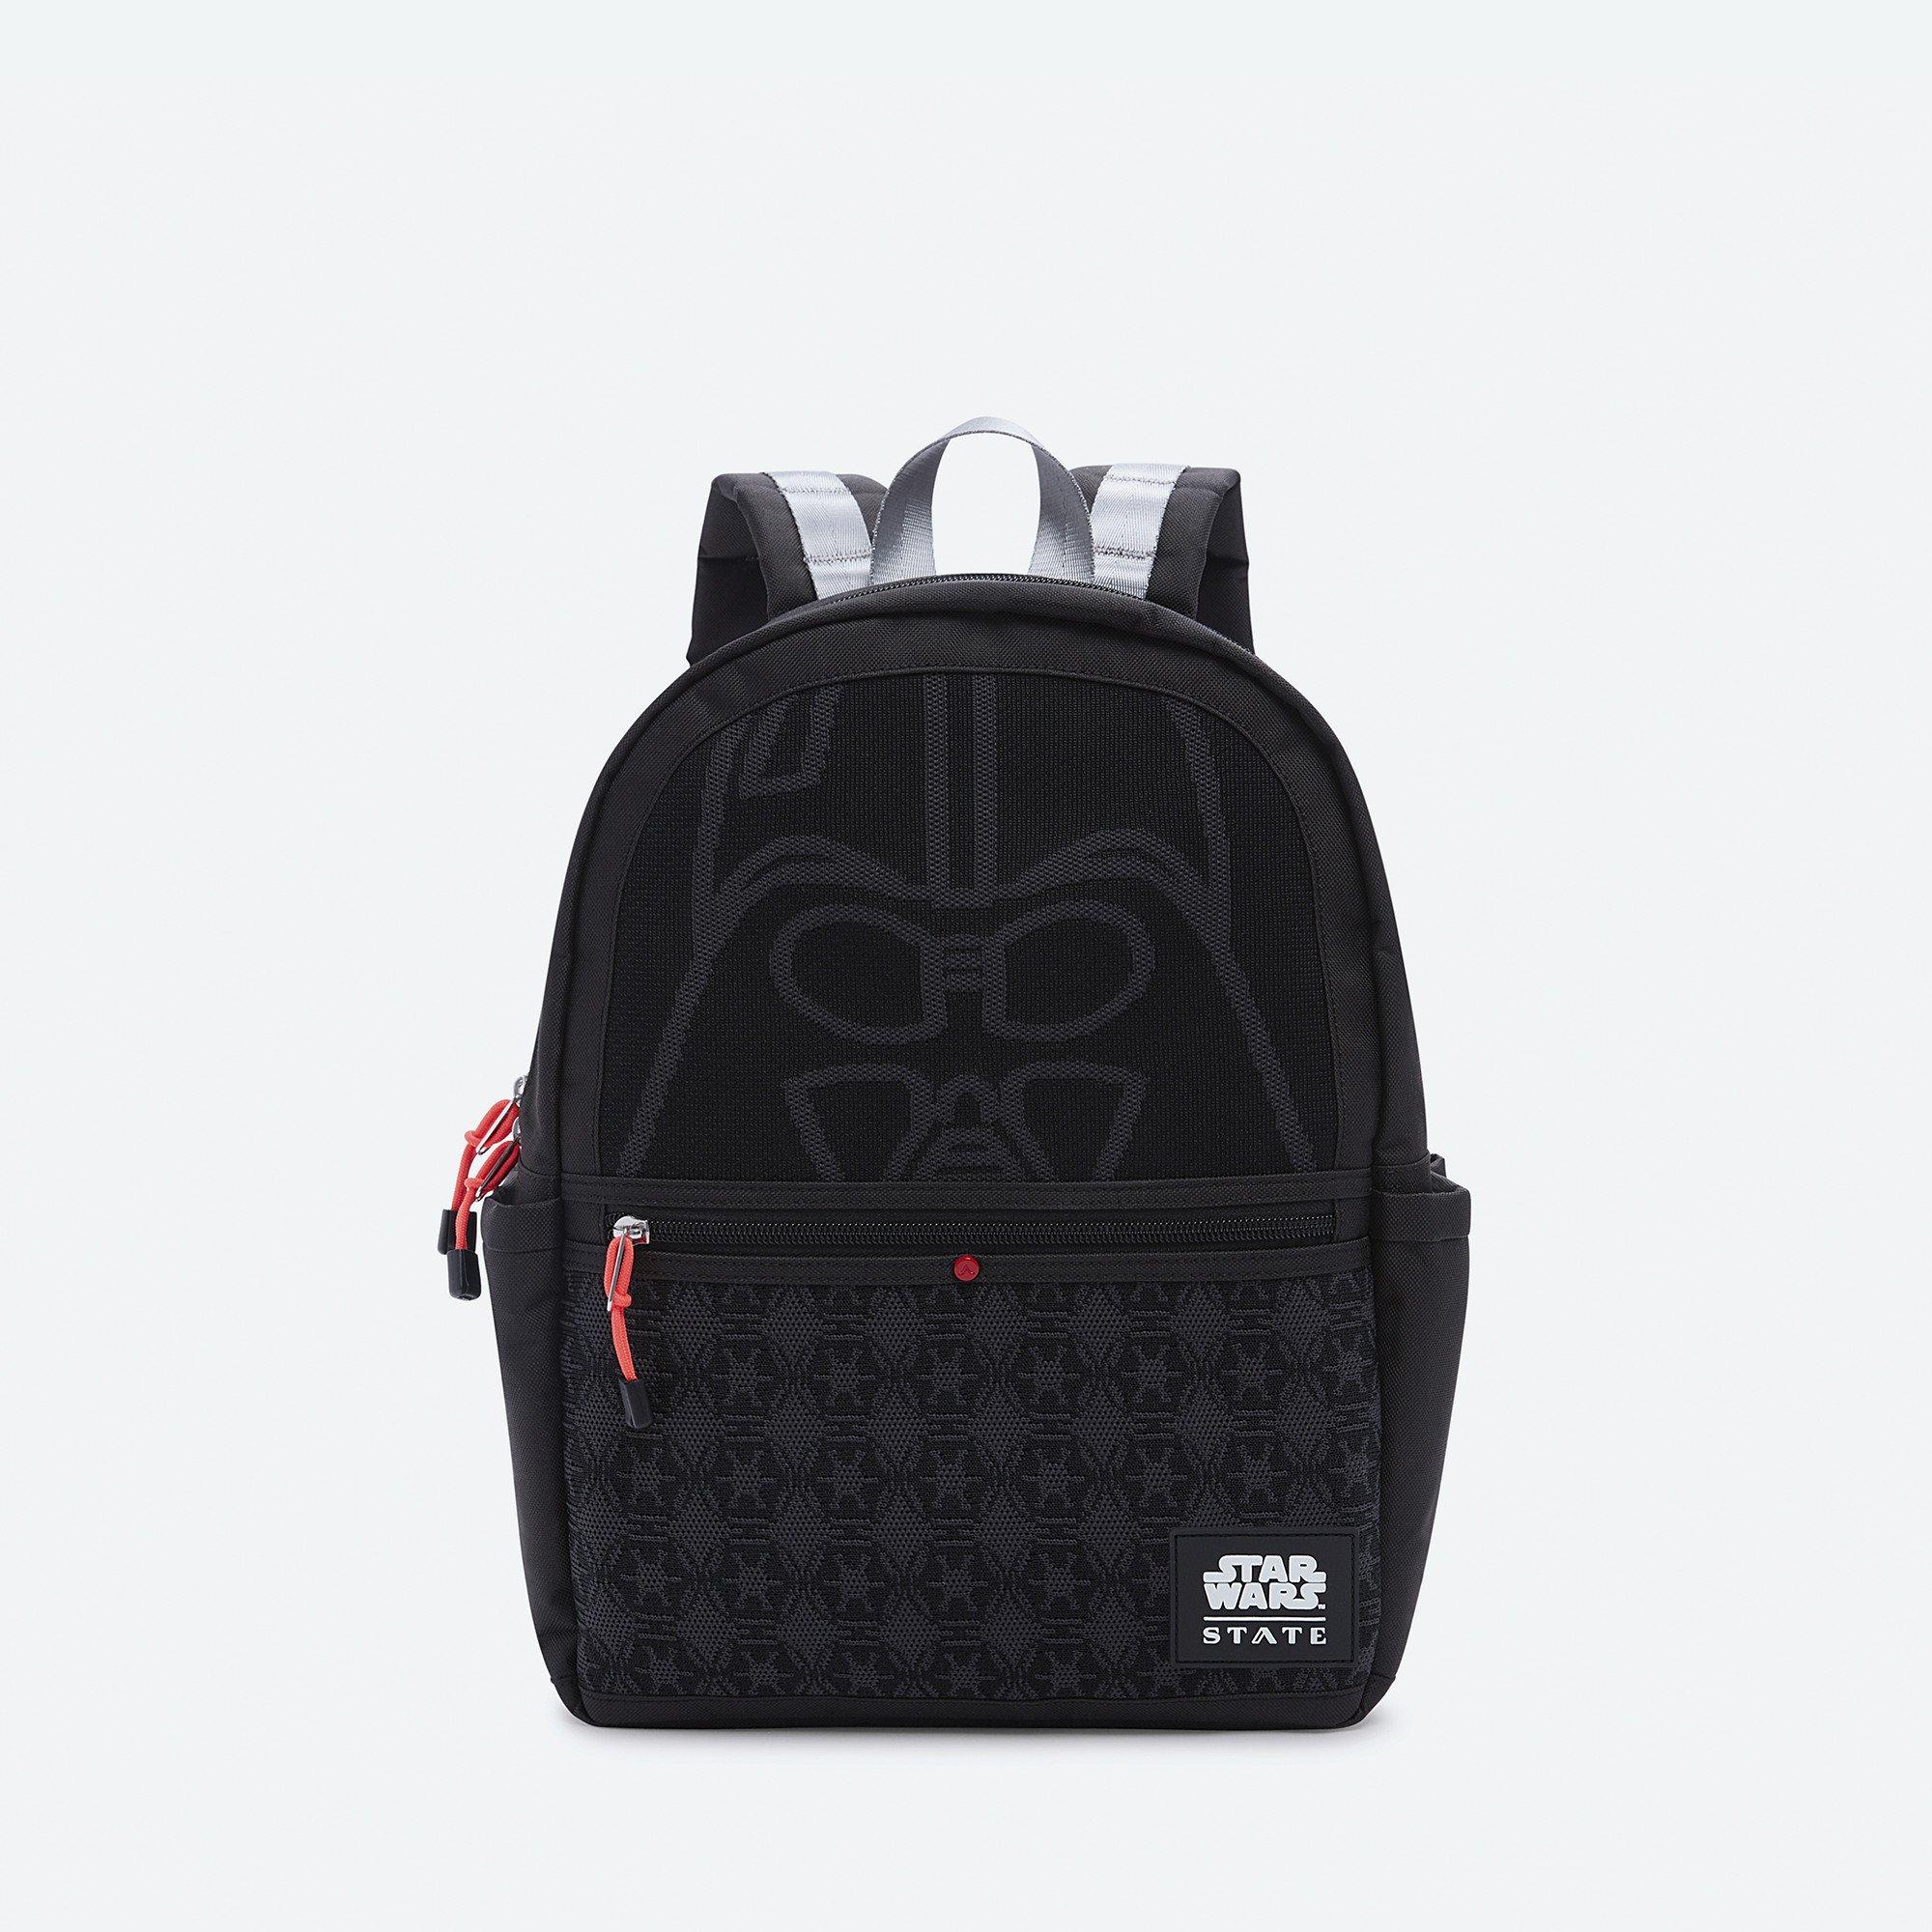 Coleção de mochilas Star Wars homenageia amizade entre personagens